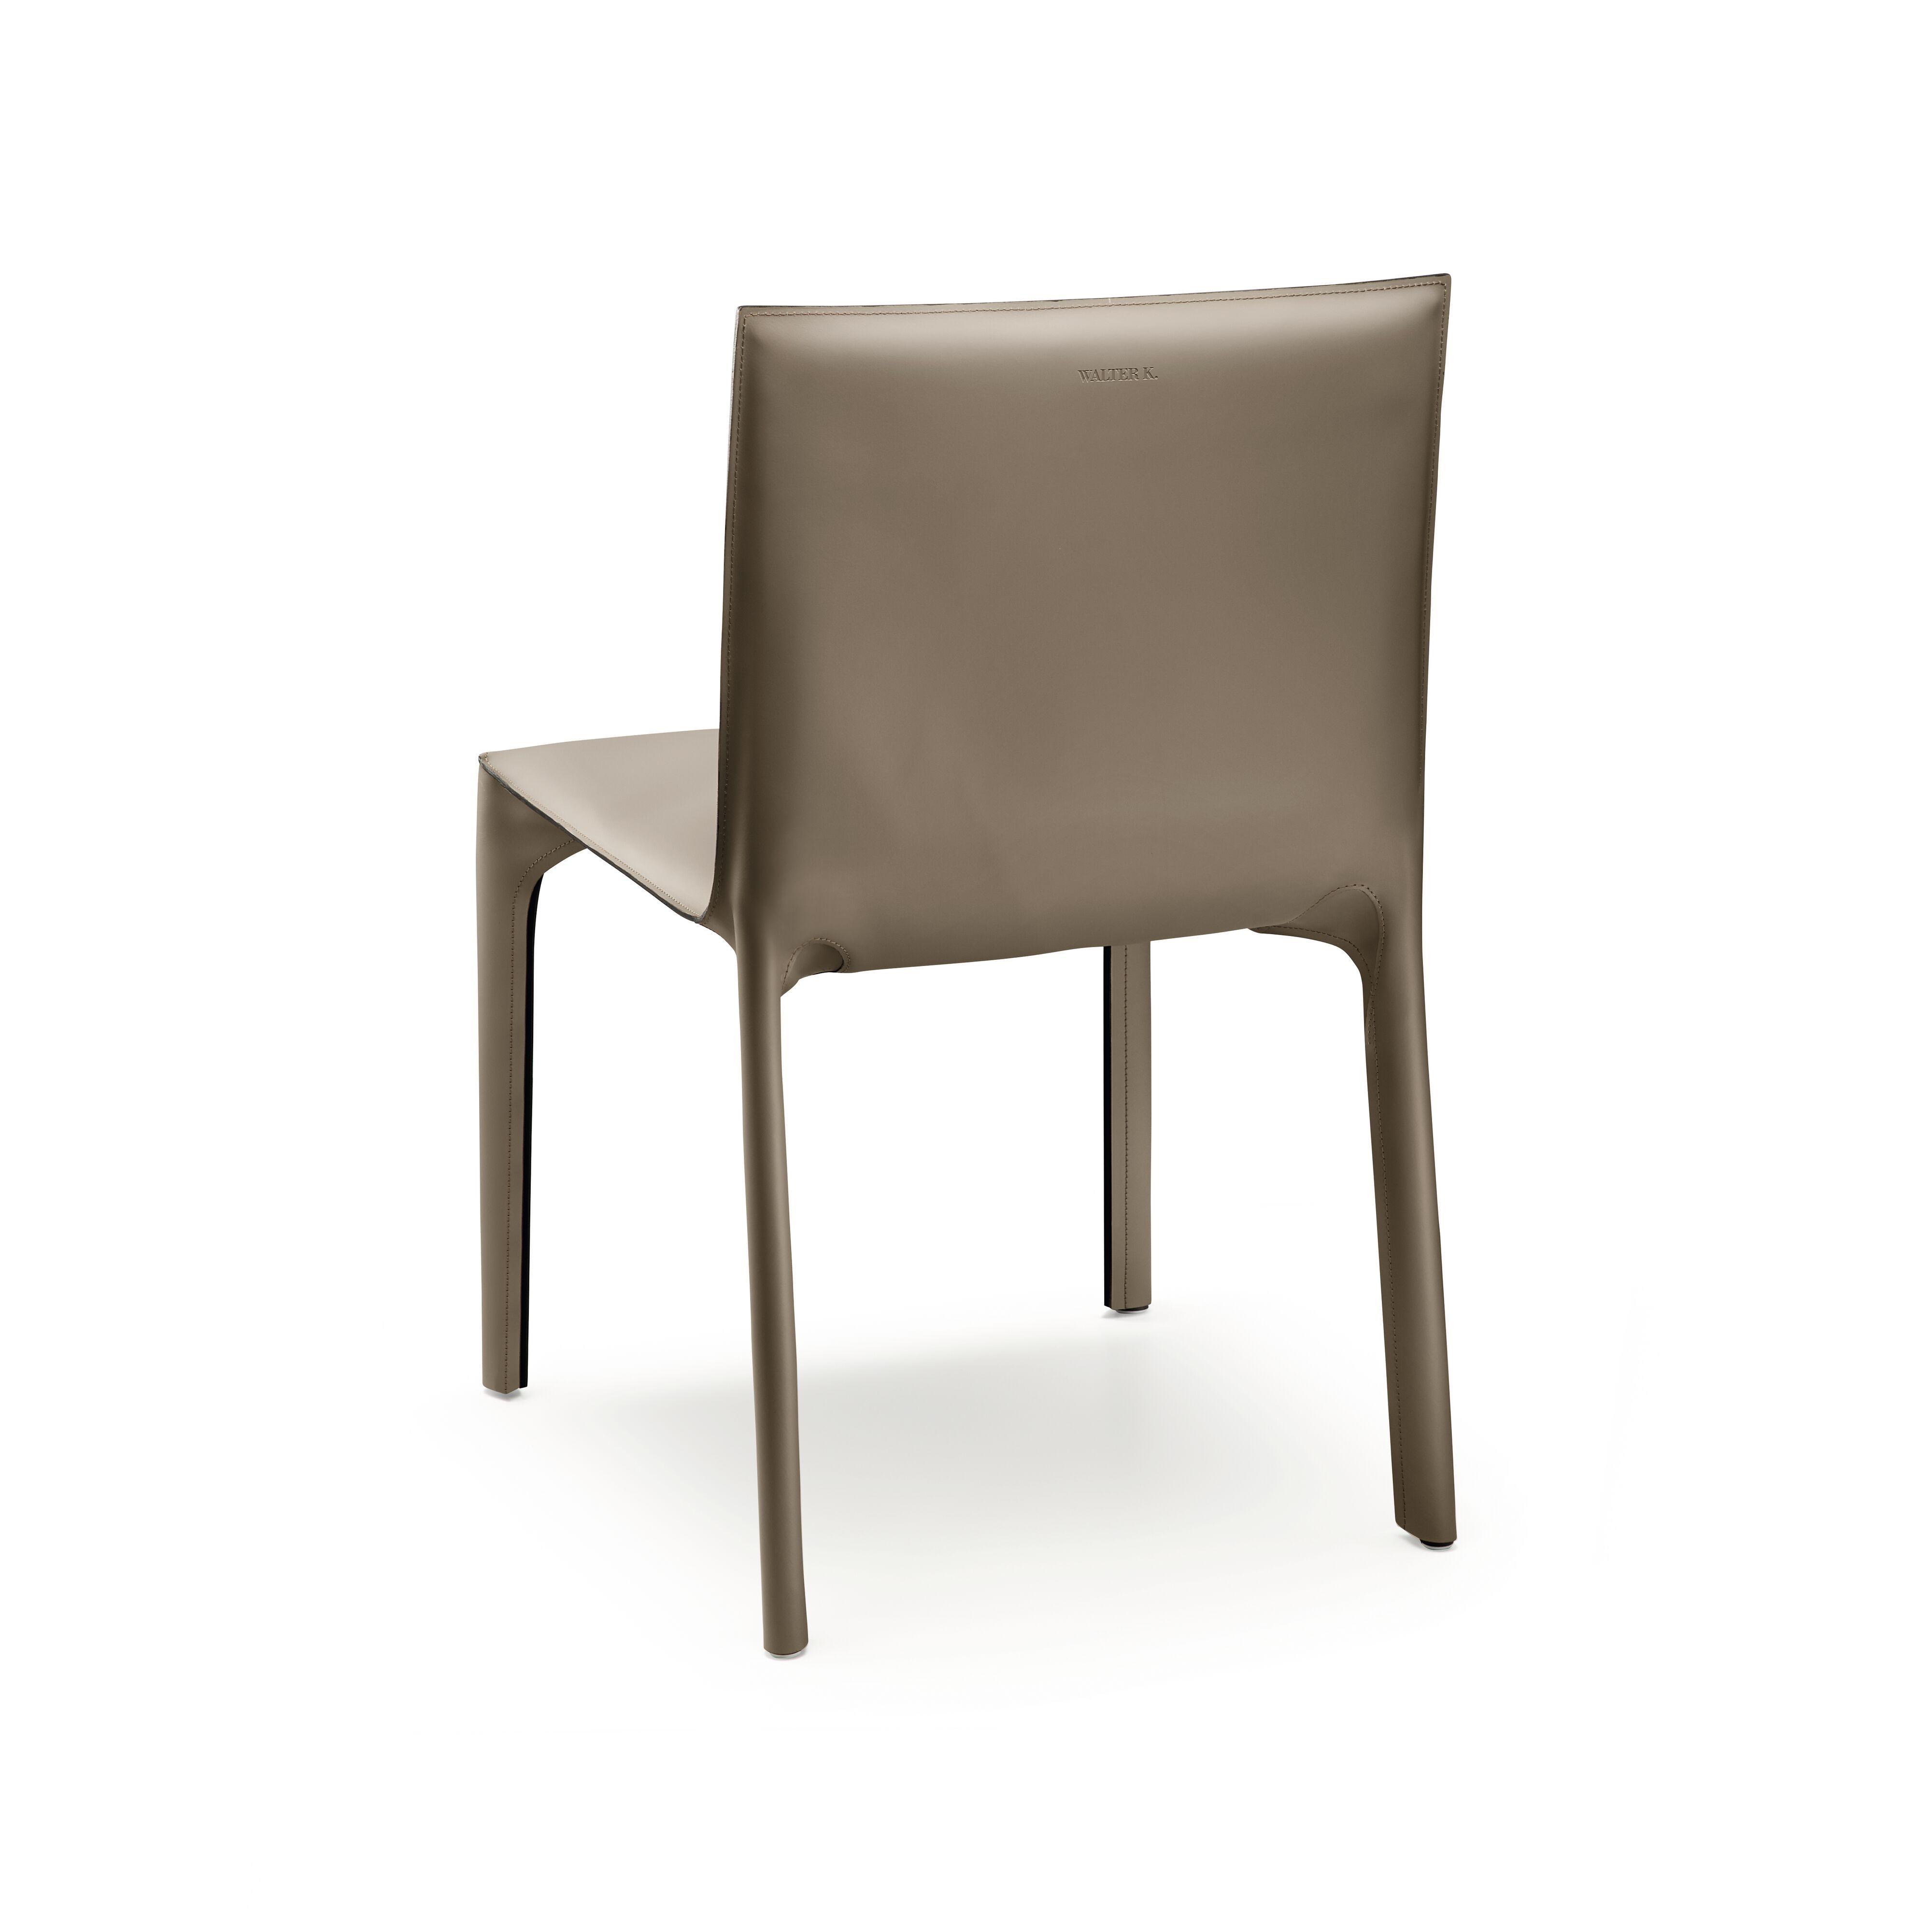 03-WK-Saddle-Chair-0009-Walter K.tif